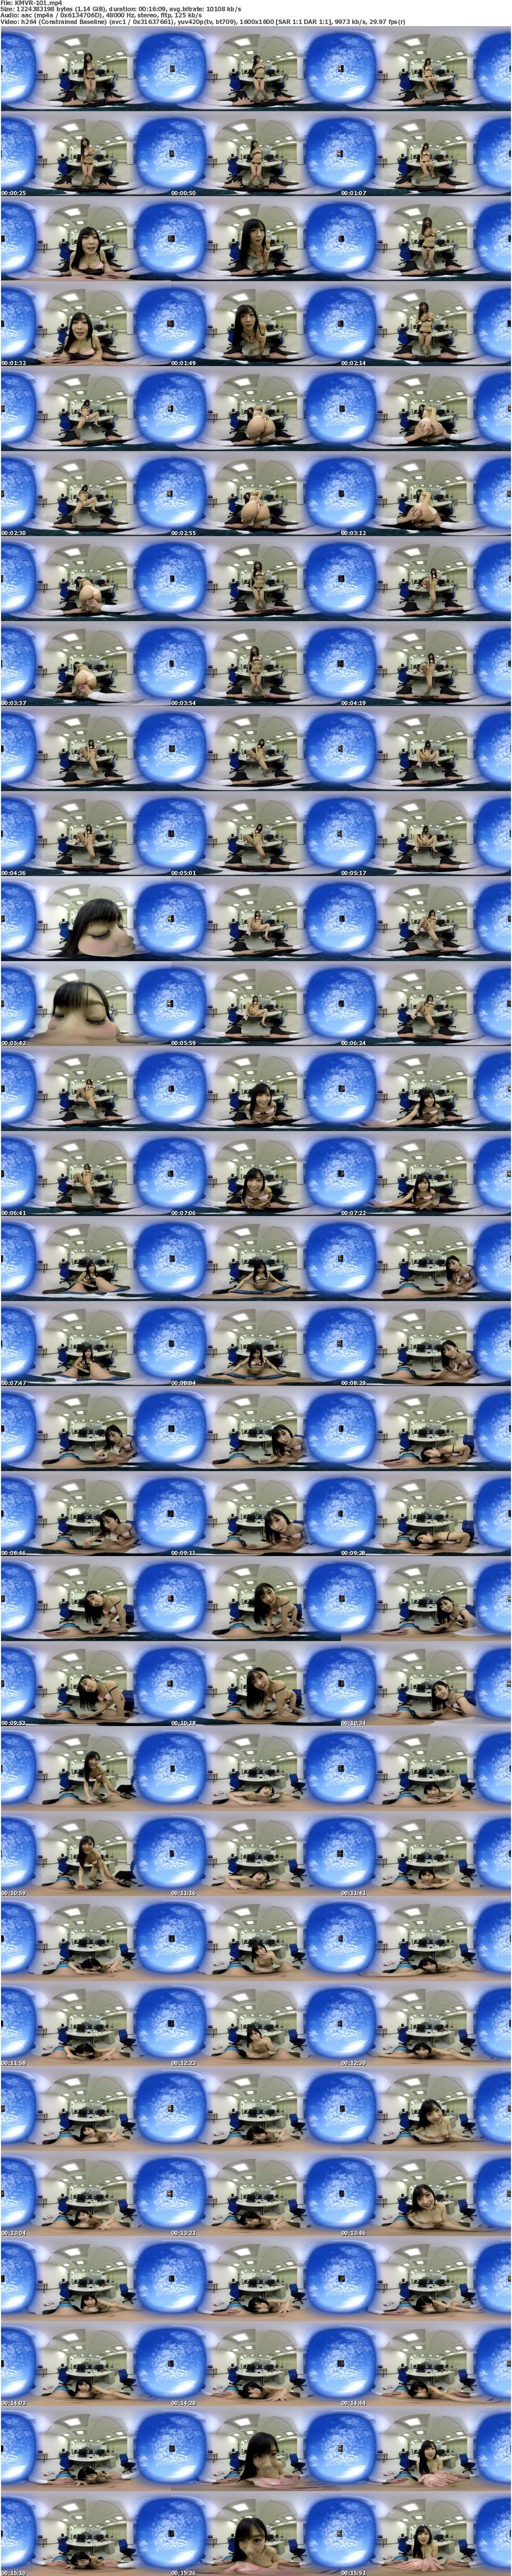 VR/3D KMVR-101 【VR】夢じゃないよ◆突然ひびやんが僕の目の前に現れた!!疲れたカラダをたっぷり癒す極上ご奉仕フェラ◆ 大槻ひびき